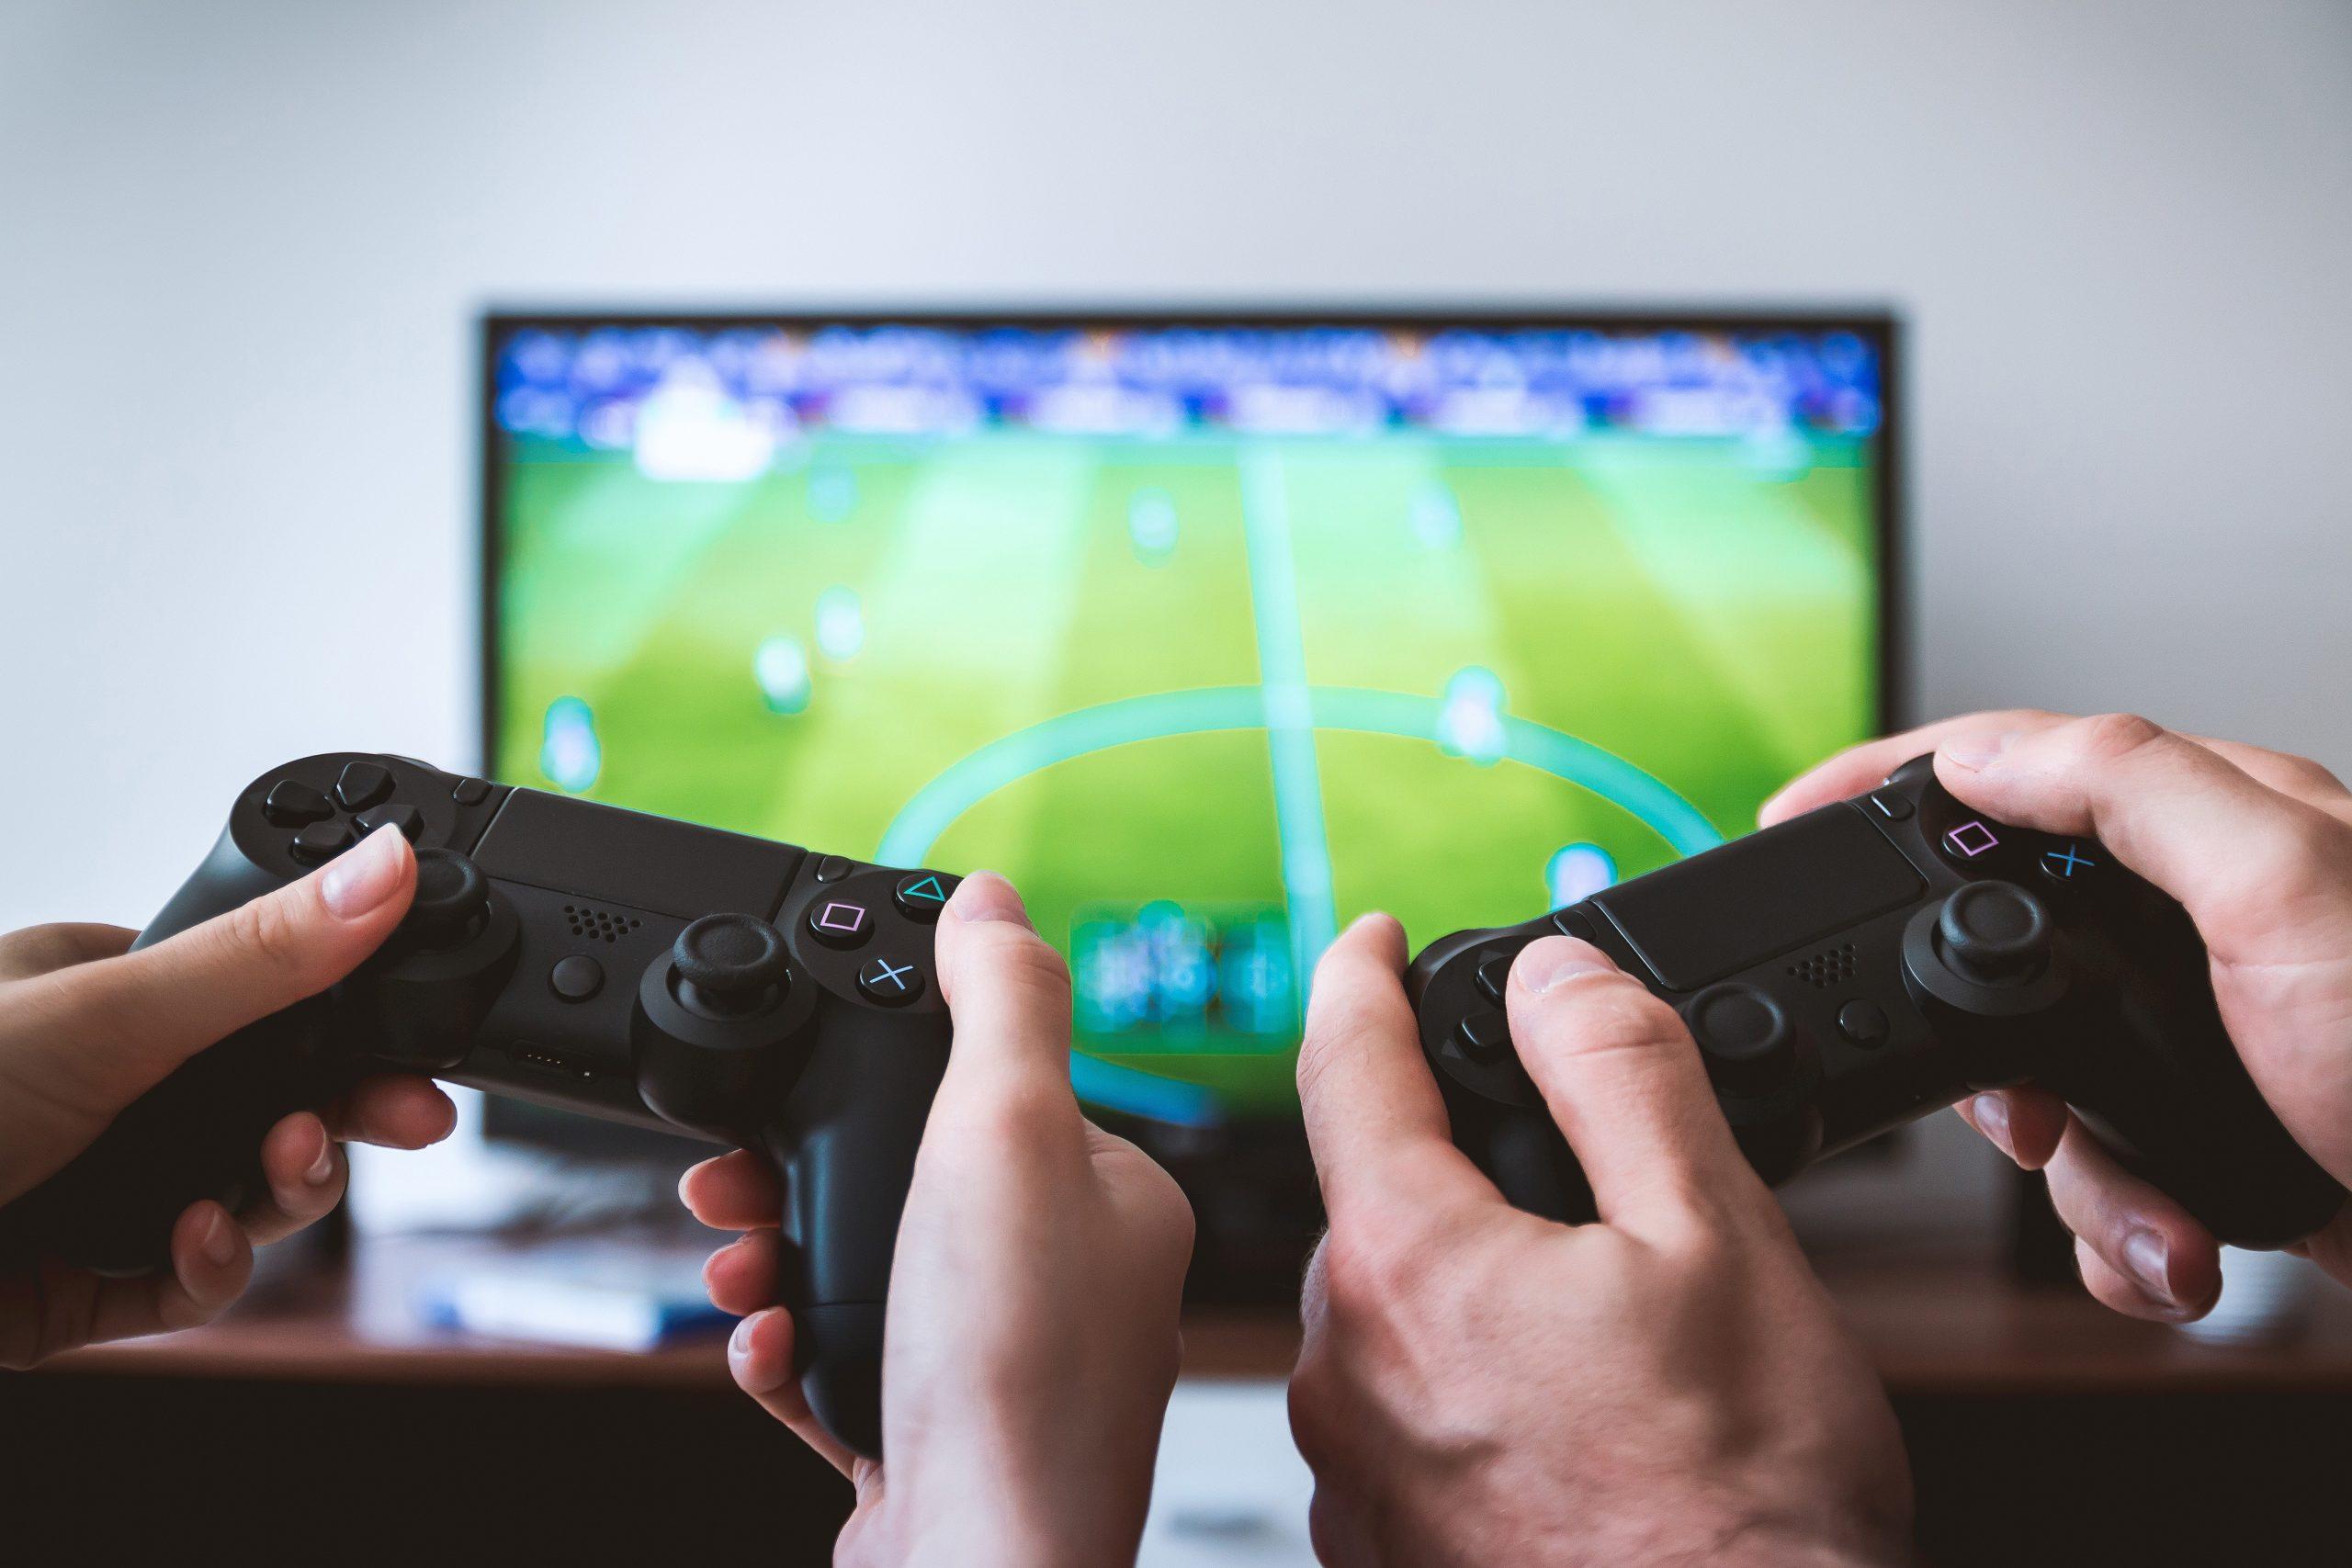 Co-op Oyunlar ve Spor App'leri